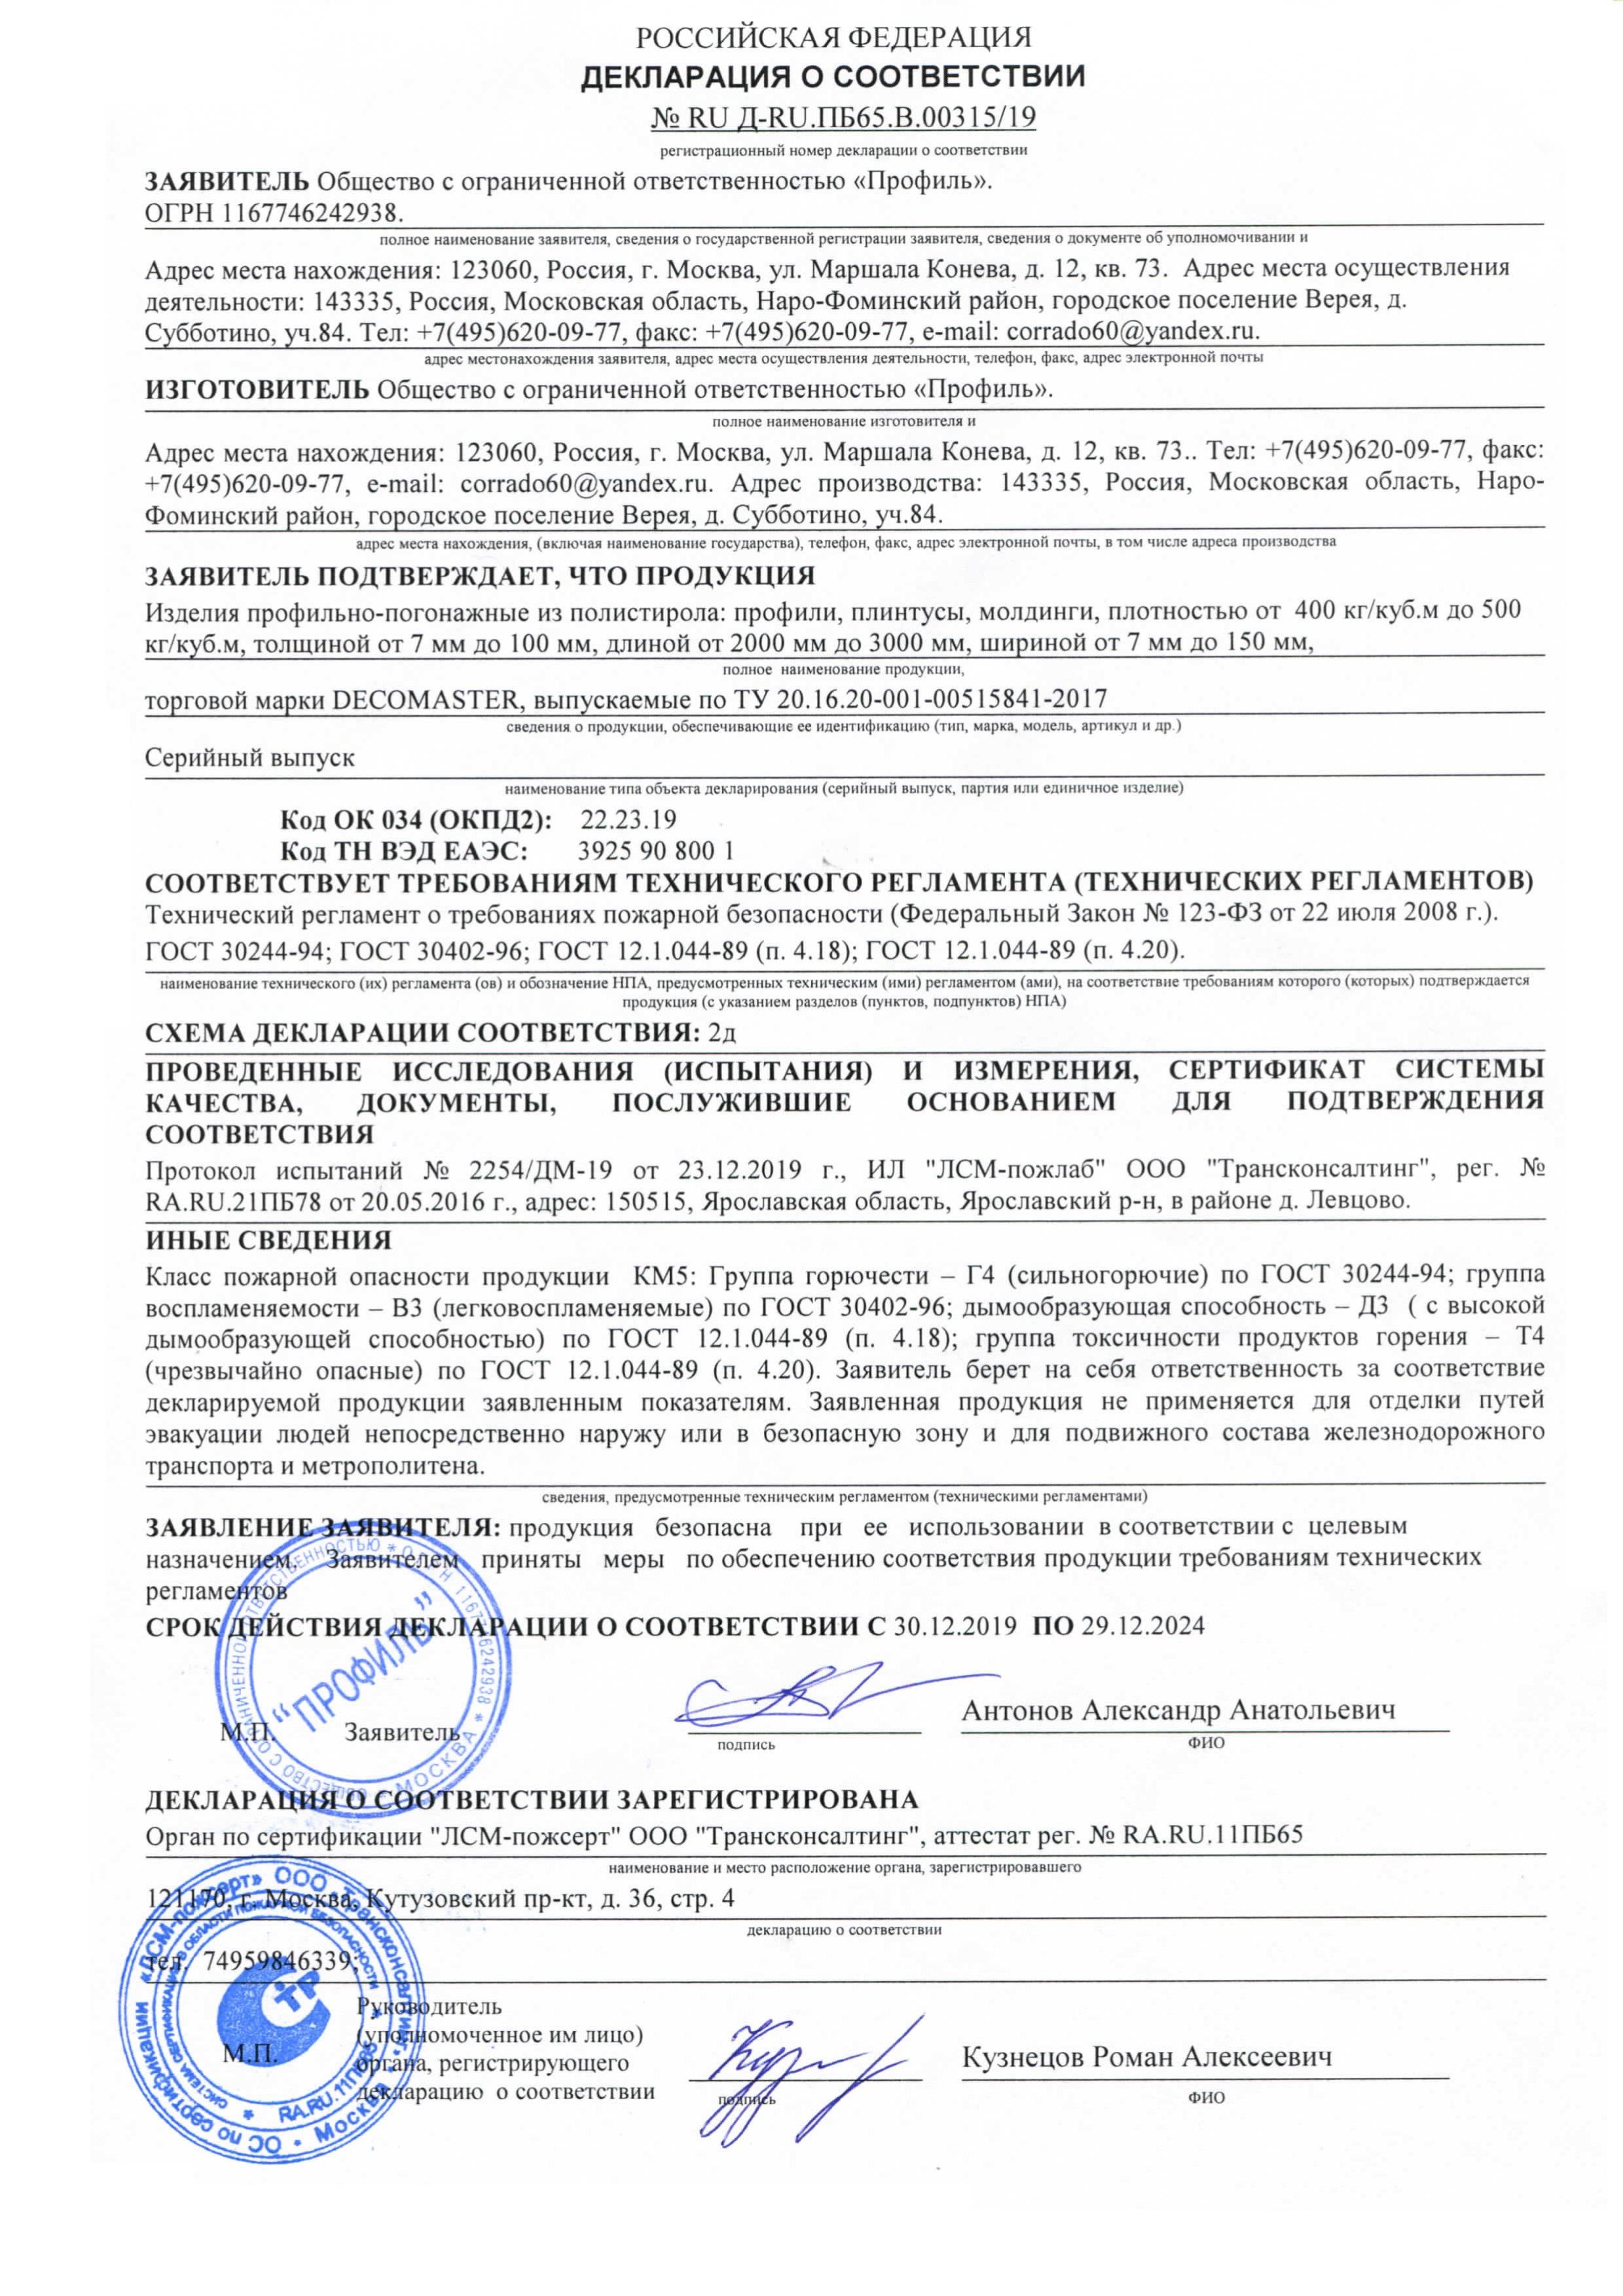 Сертификат_соответствия_1